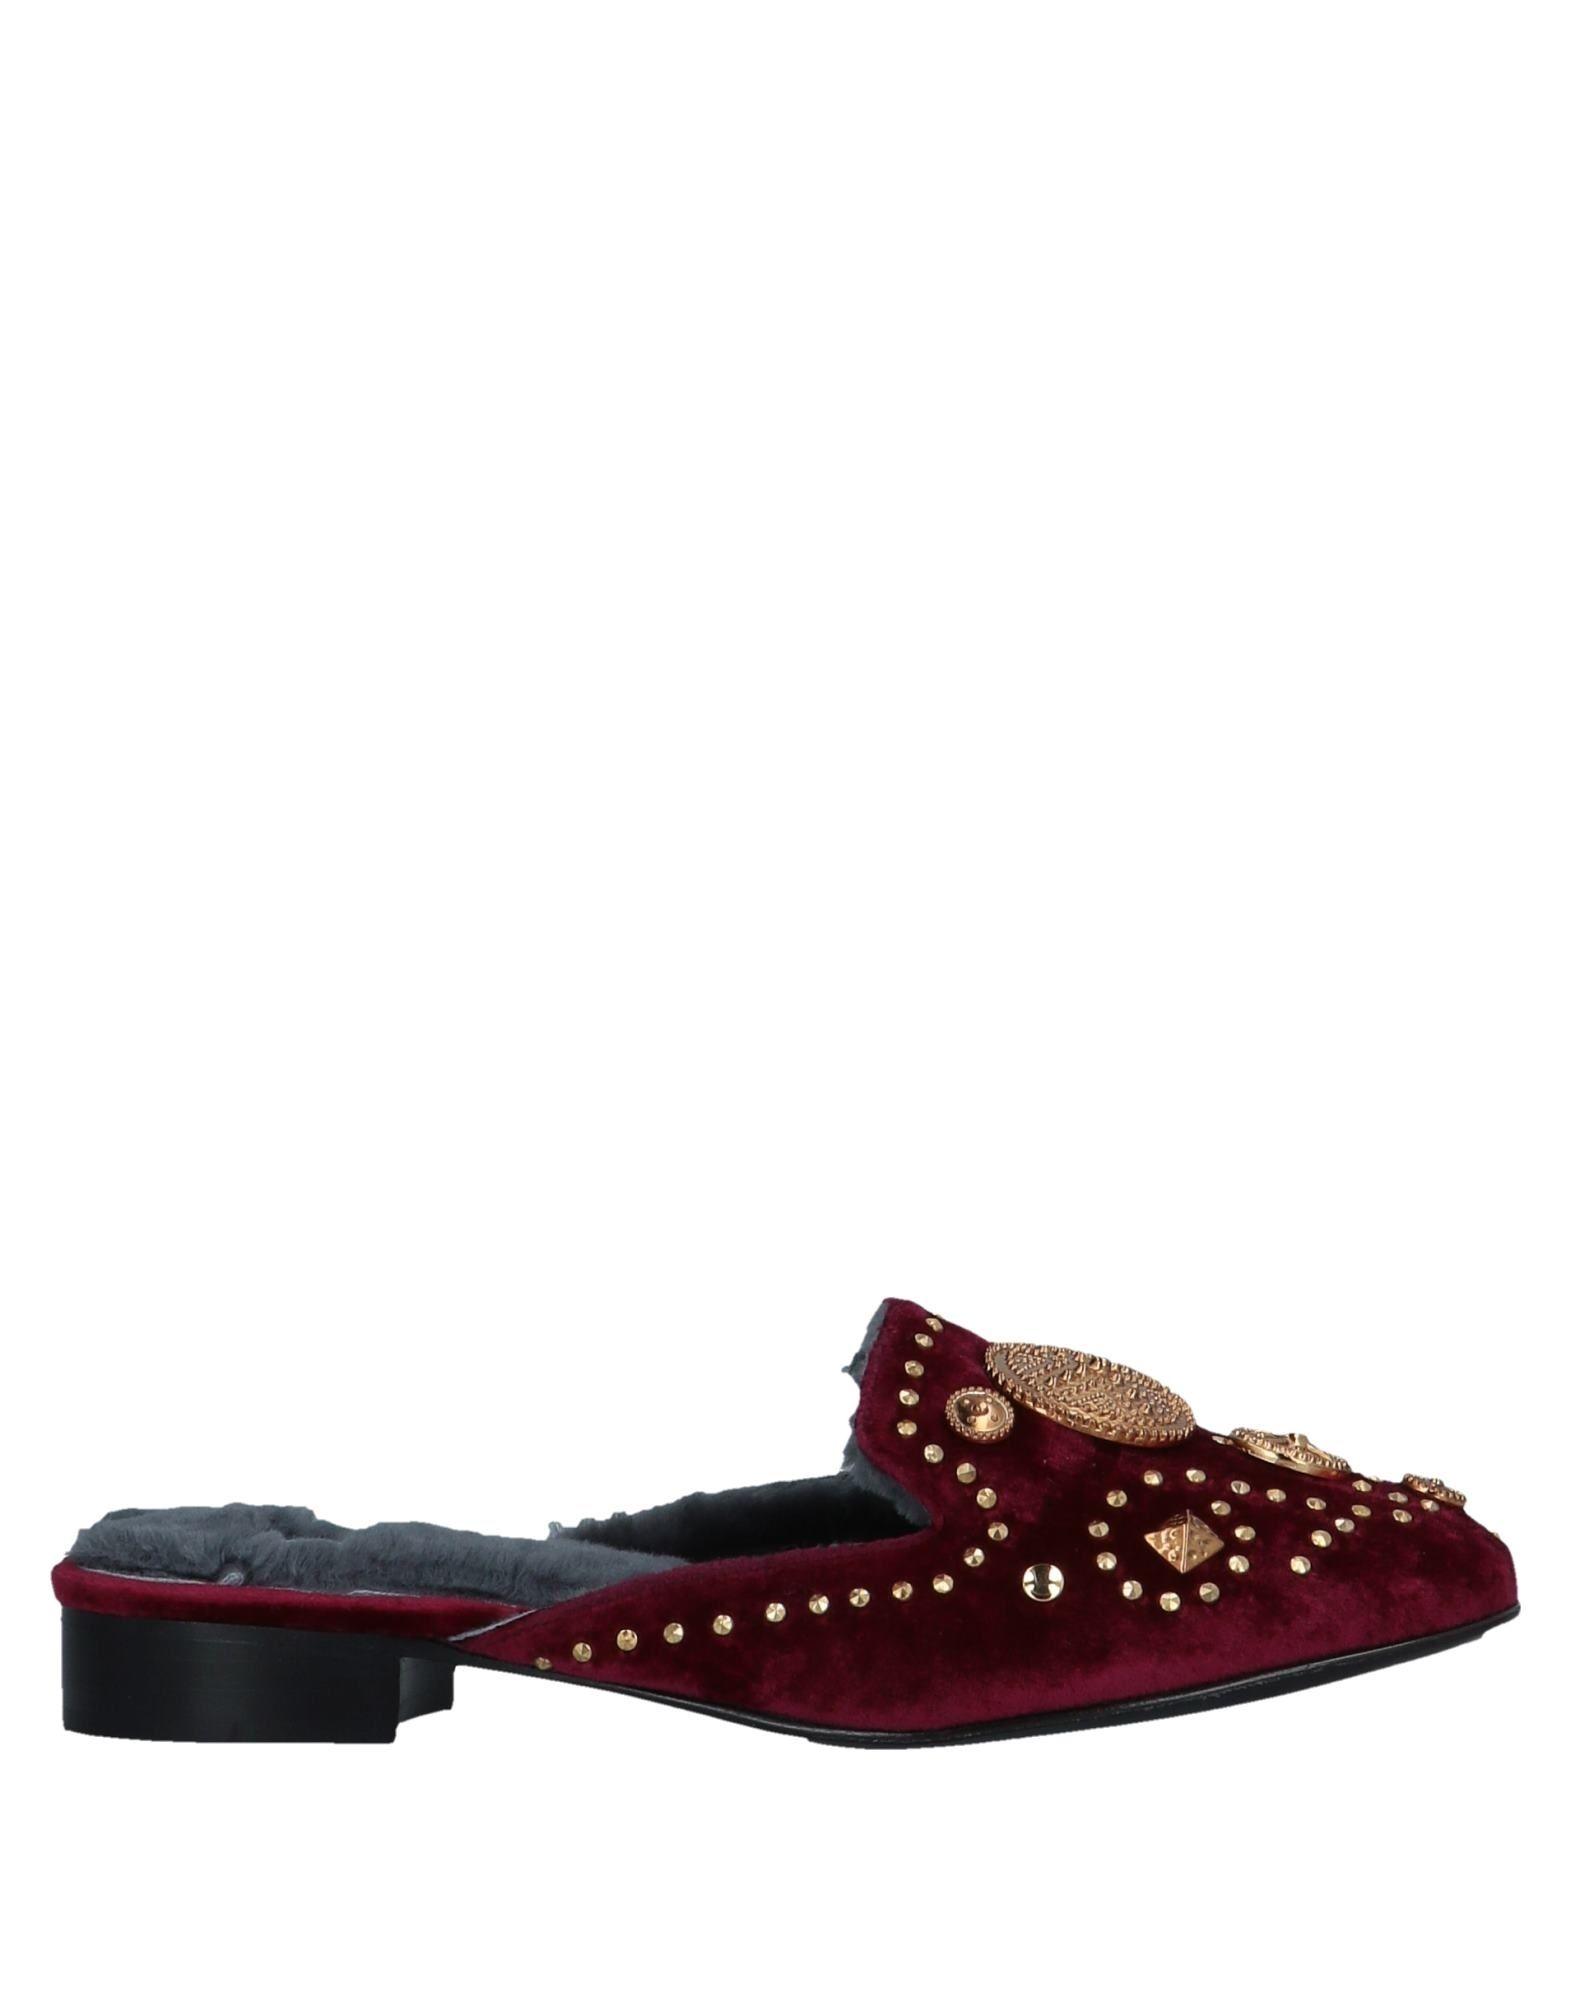 Fausto Puglisi Mokassins Damen  11508149GDGünstige gut aussehende Schuhe